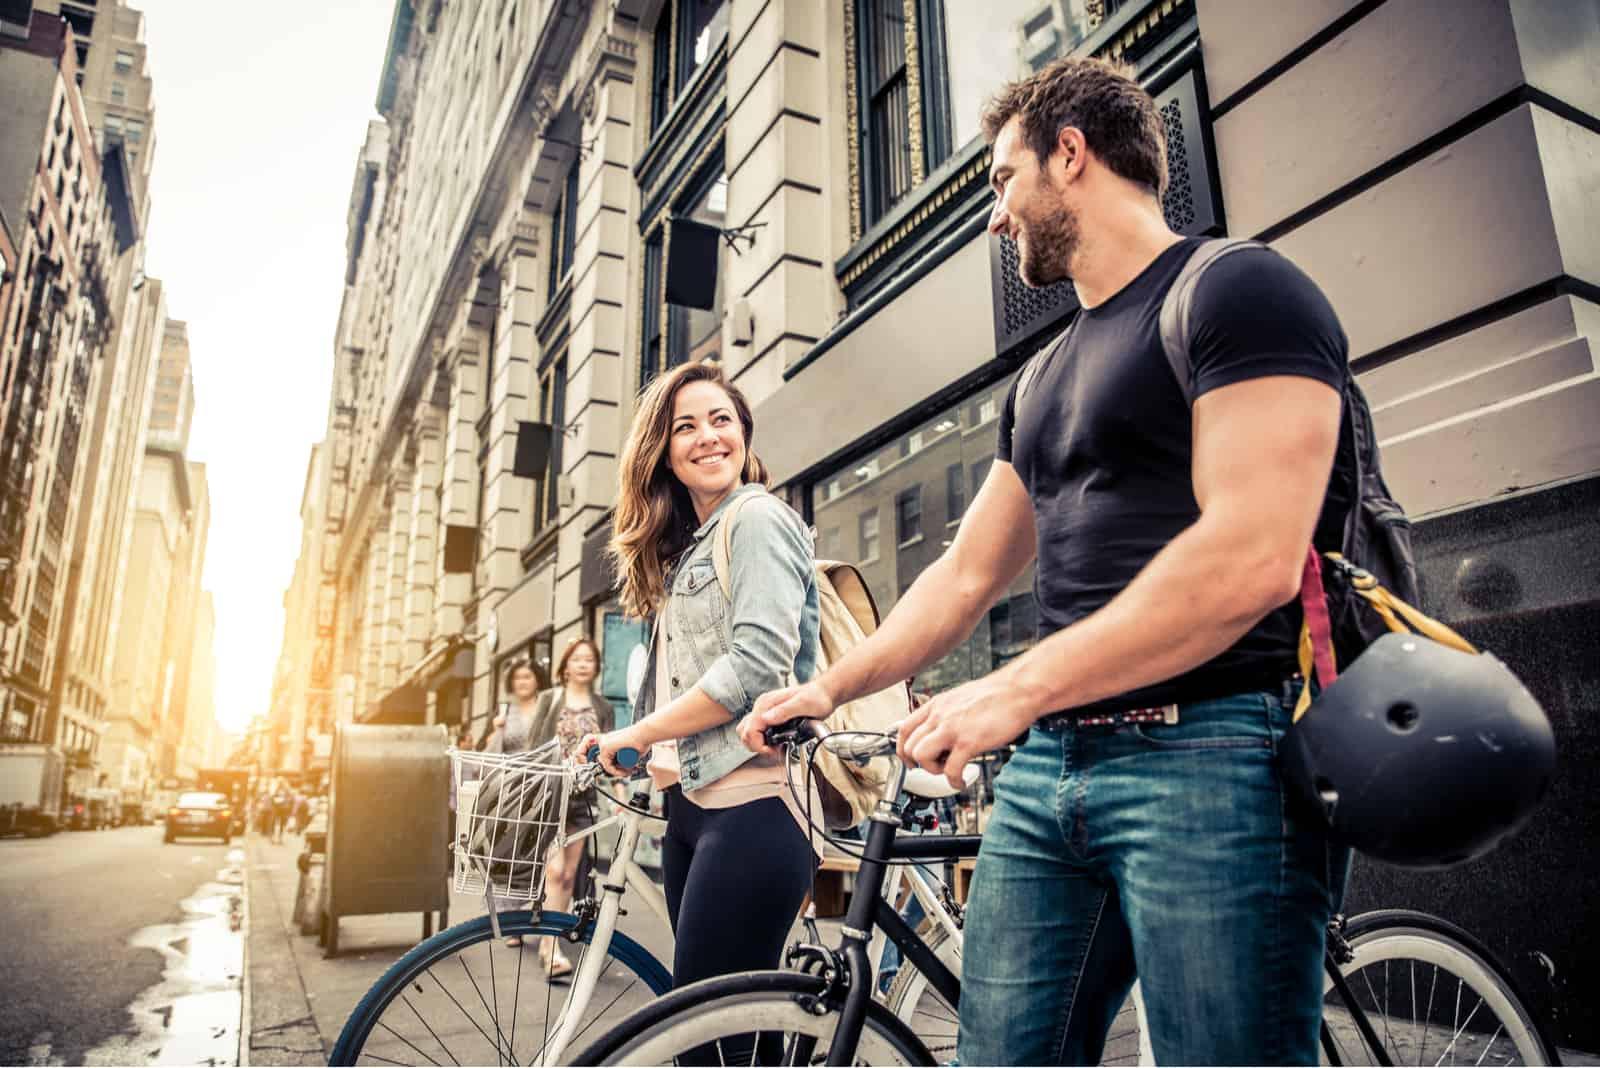 un homme et une femme font du vélo l'un à côté de l'autre et rient